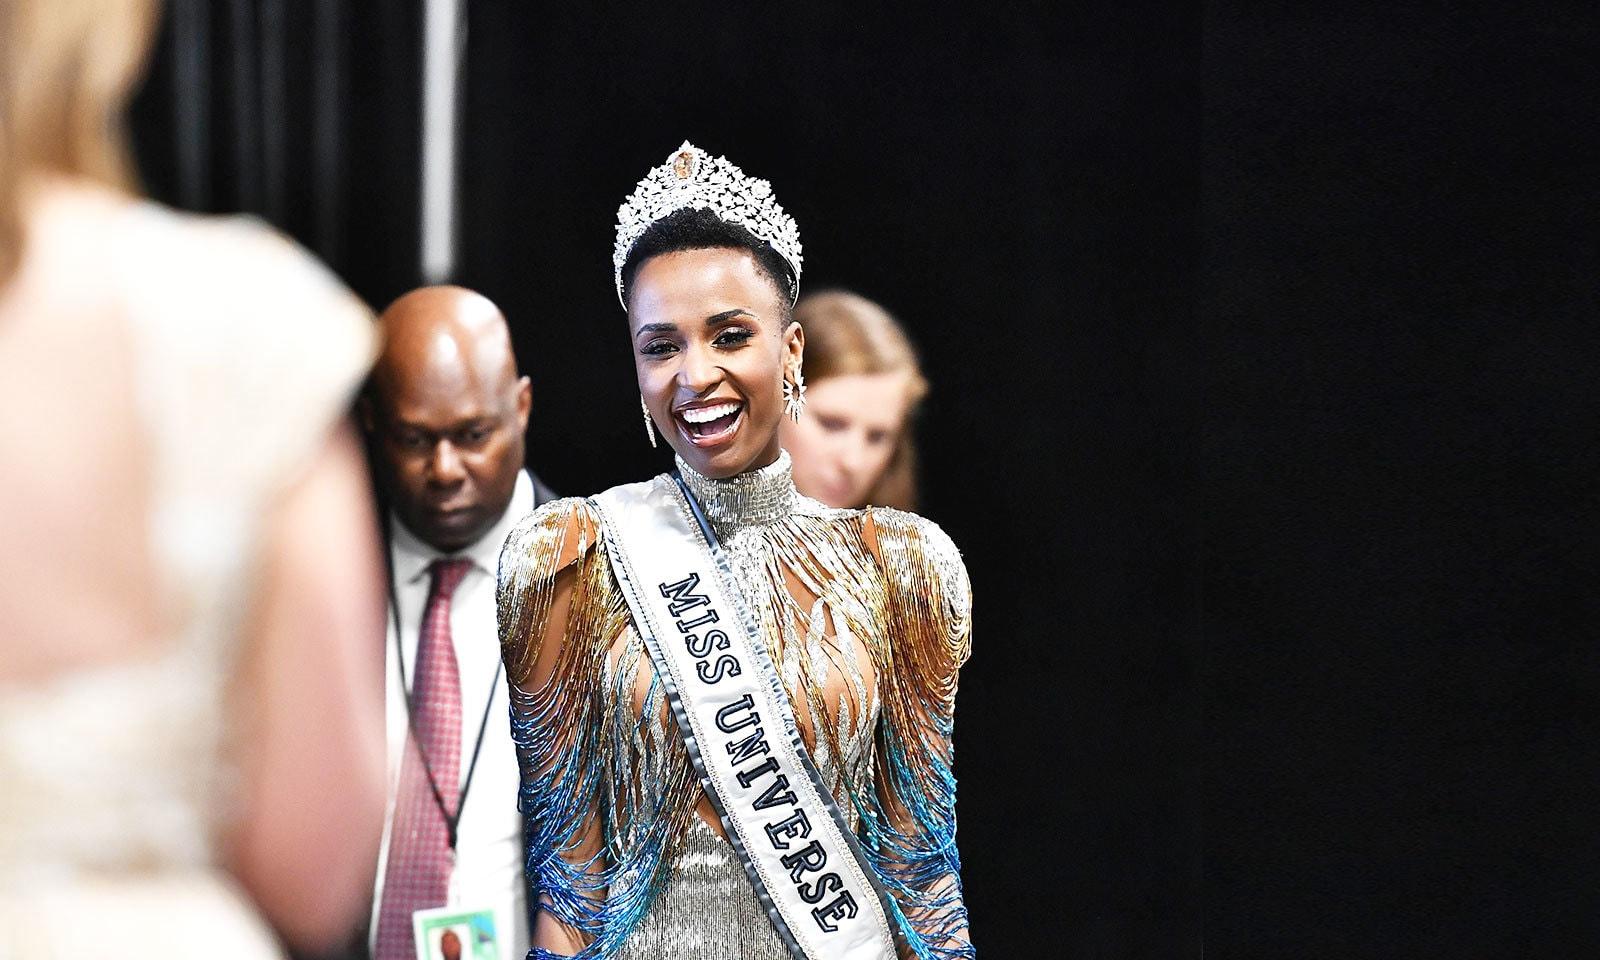 پہلی بار جنوبی افریقہ سے سیاہ فام لڑکی منتخب ہوئی ہے—فوٹو: اے ایف پی